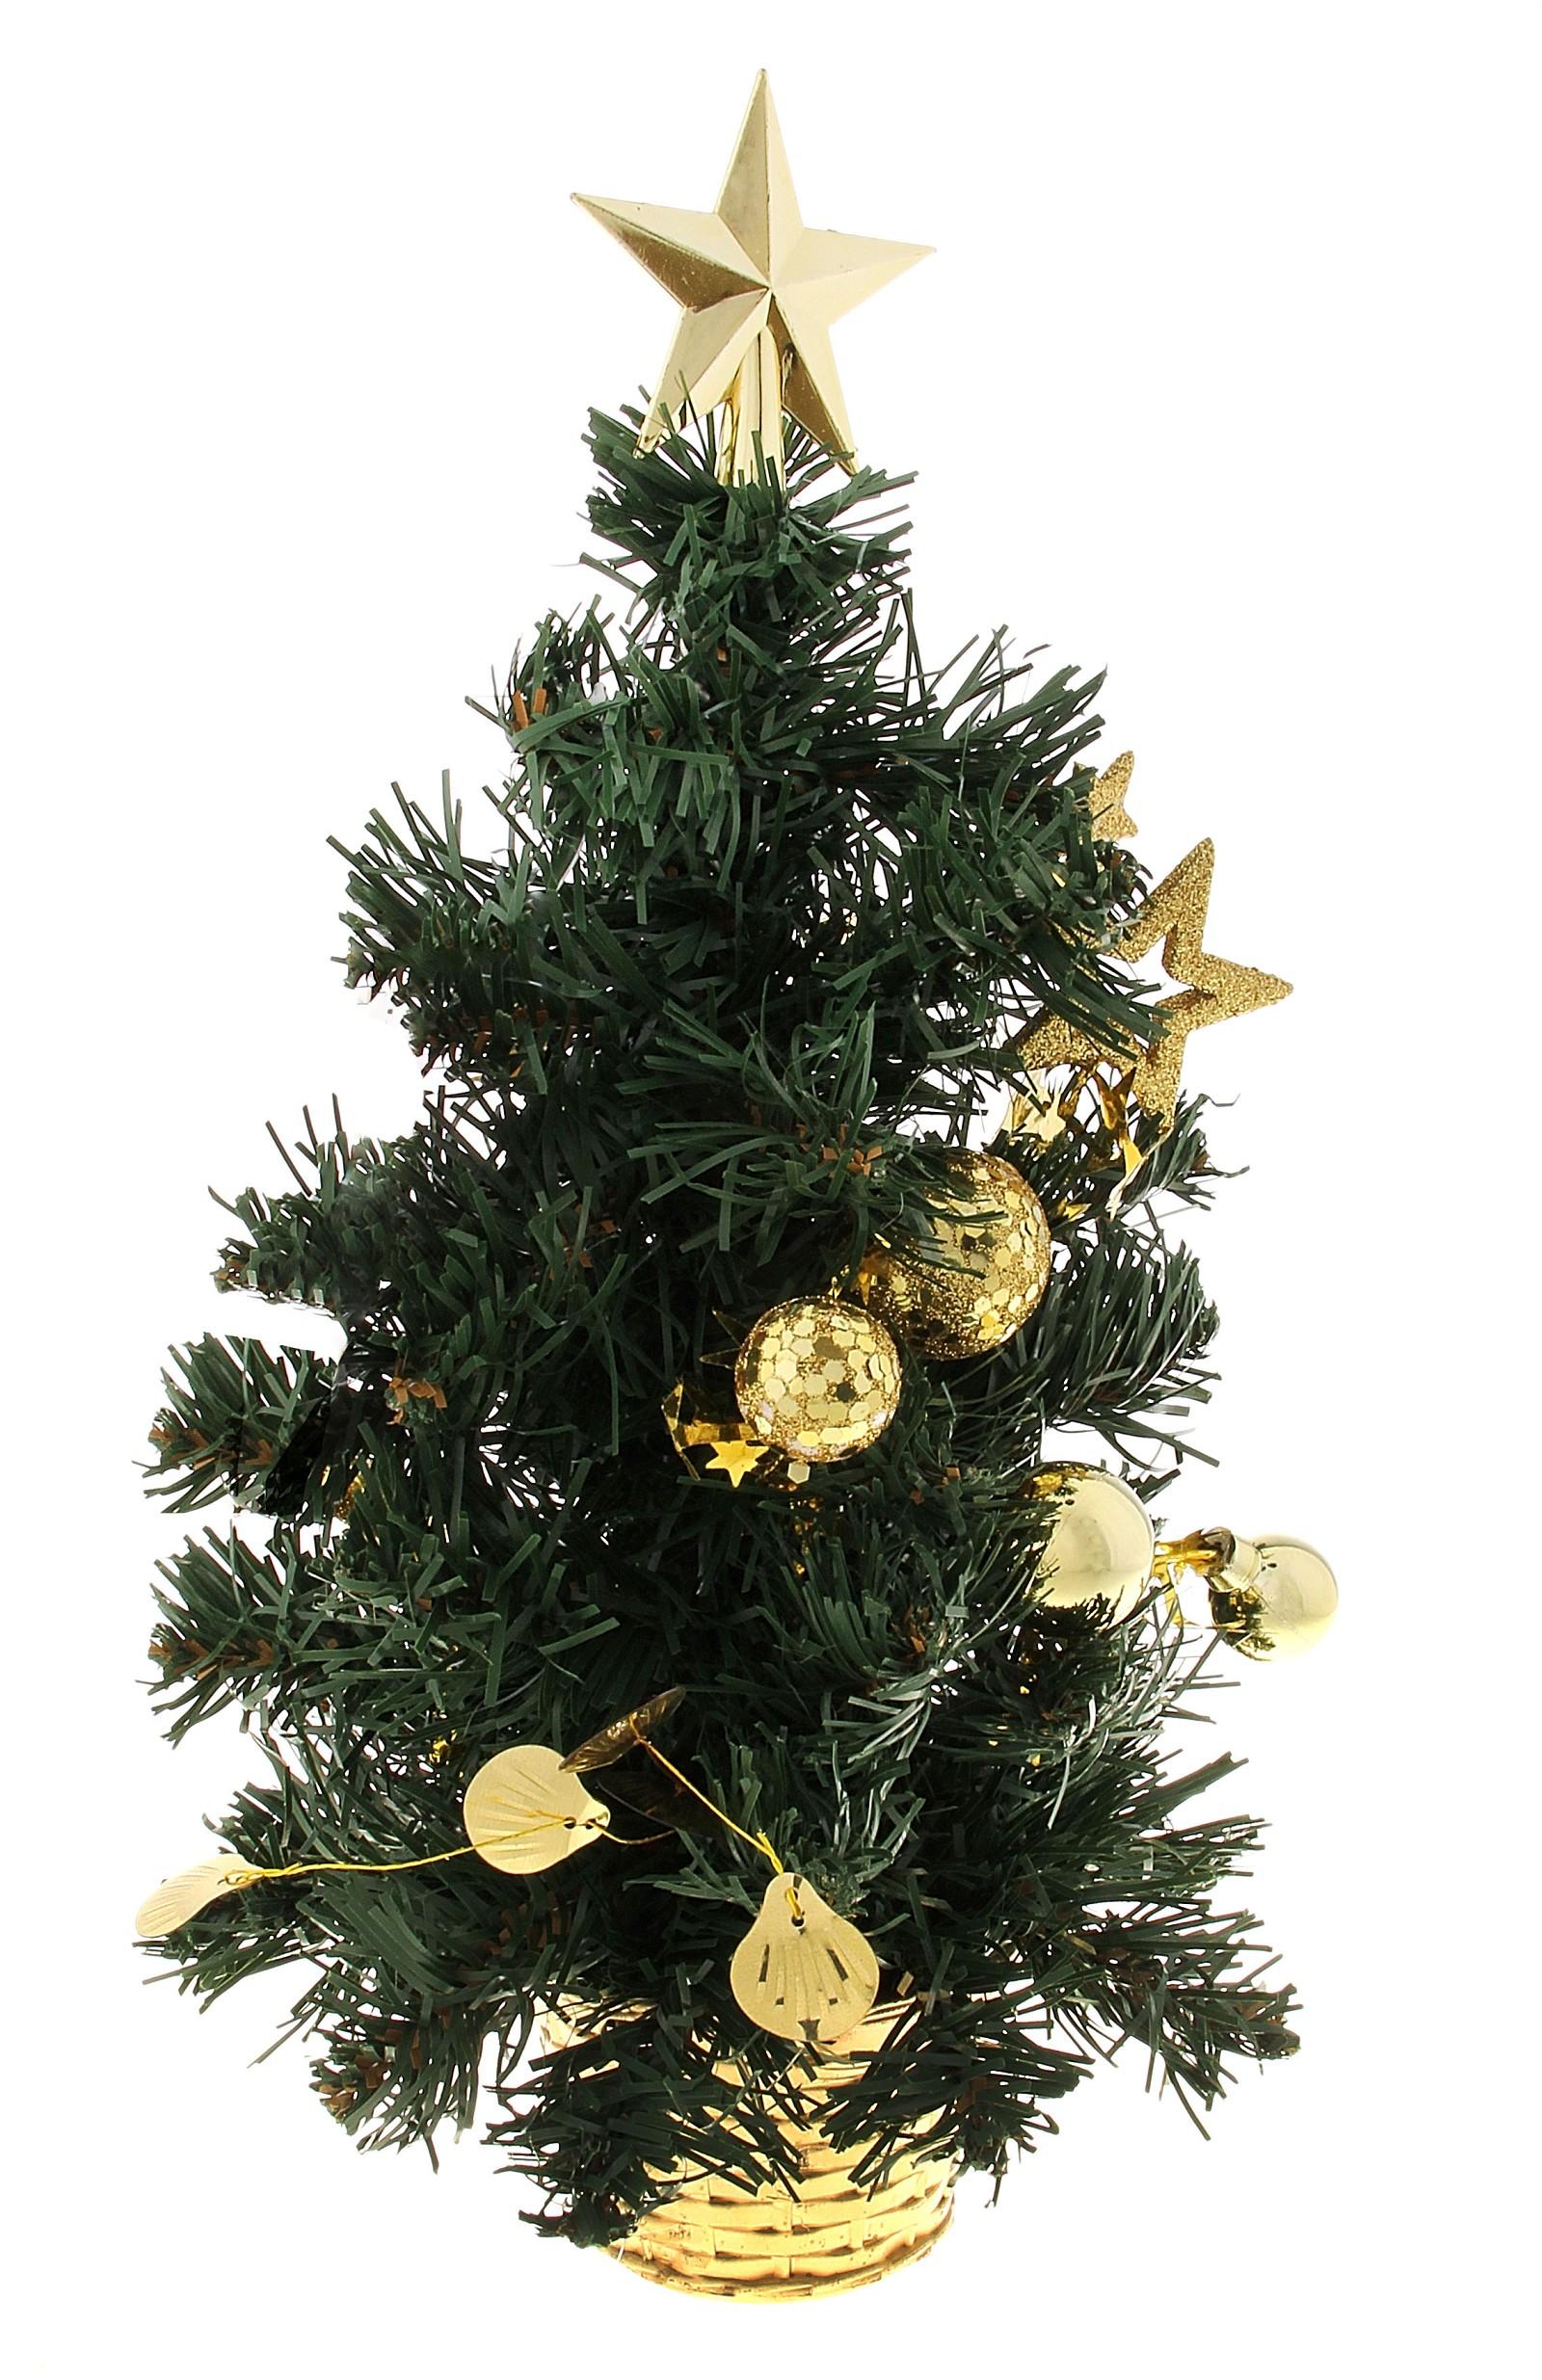 Декоративное украшение Новогодняя елочка, цвет: зеленый, золотистый, высота 30 см. 717982717982Декоративное украшение, выполненное из пластика - мини-елочка зеленого цвета для оформления интерьера к Новому году. Ее не нужно ни собирать, ни наряжать, зато настроение праздника она создает очень быстро. Елка украшена шариками, звездами. Елка украсит интерьер вашего дома или офиса к Новому году и создаст теплую и уютную атмосферу праздника. Откройте для себя удивительный мир сказок и грез. Почувствуйте волшебные минуты ожидания праздника, создайте новогоднее настроение вашим дорогим и близким. Характеристики: Материал: пластик, металл, текстиль. Цвет: зеленый, золотистый. Размер елочки: 17 см х 17 см х 30 см. Артикул: 717982.